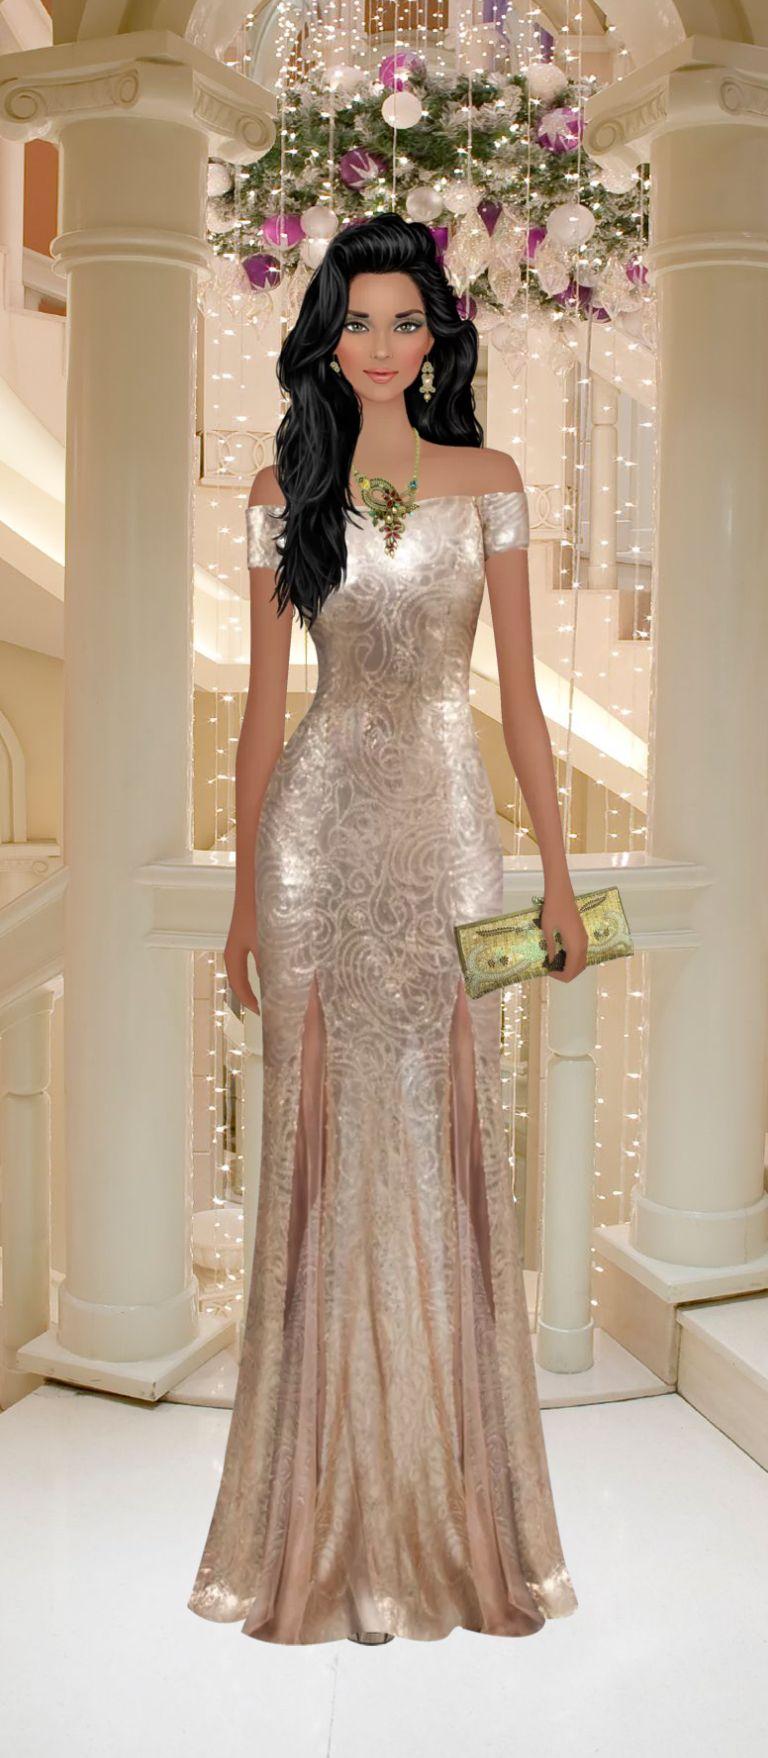 de15f3bd2a9 MODA ACTUAL Vestidos De Gala Largos